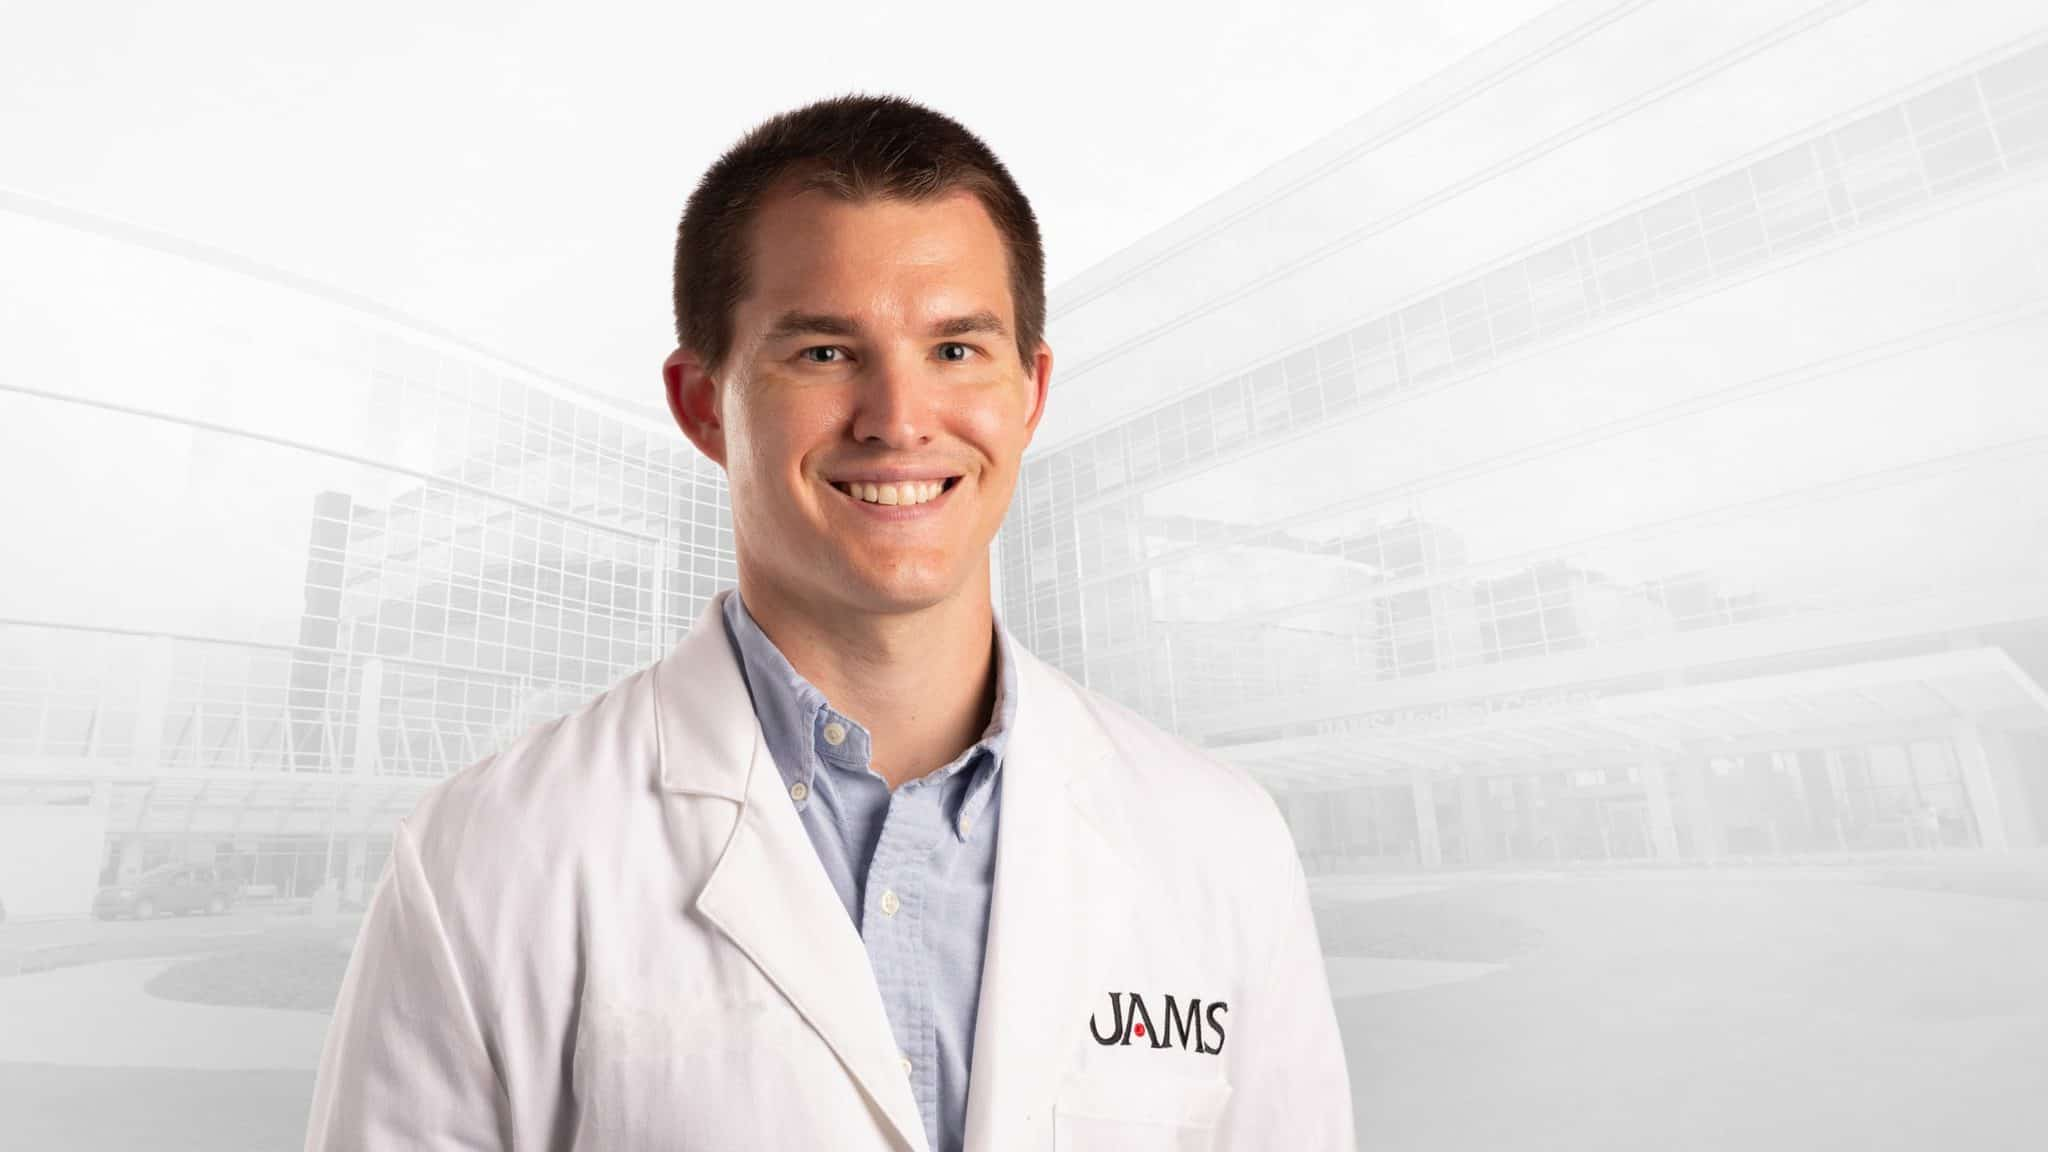 Dr. G. Lawson Smith